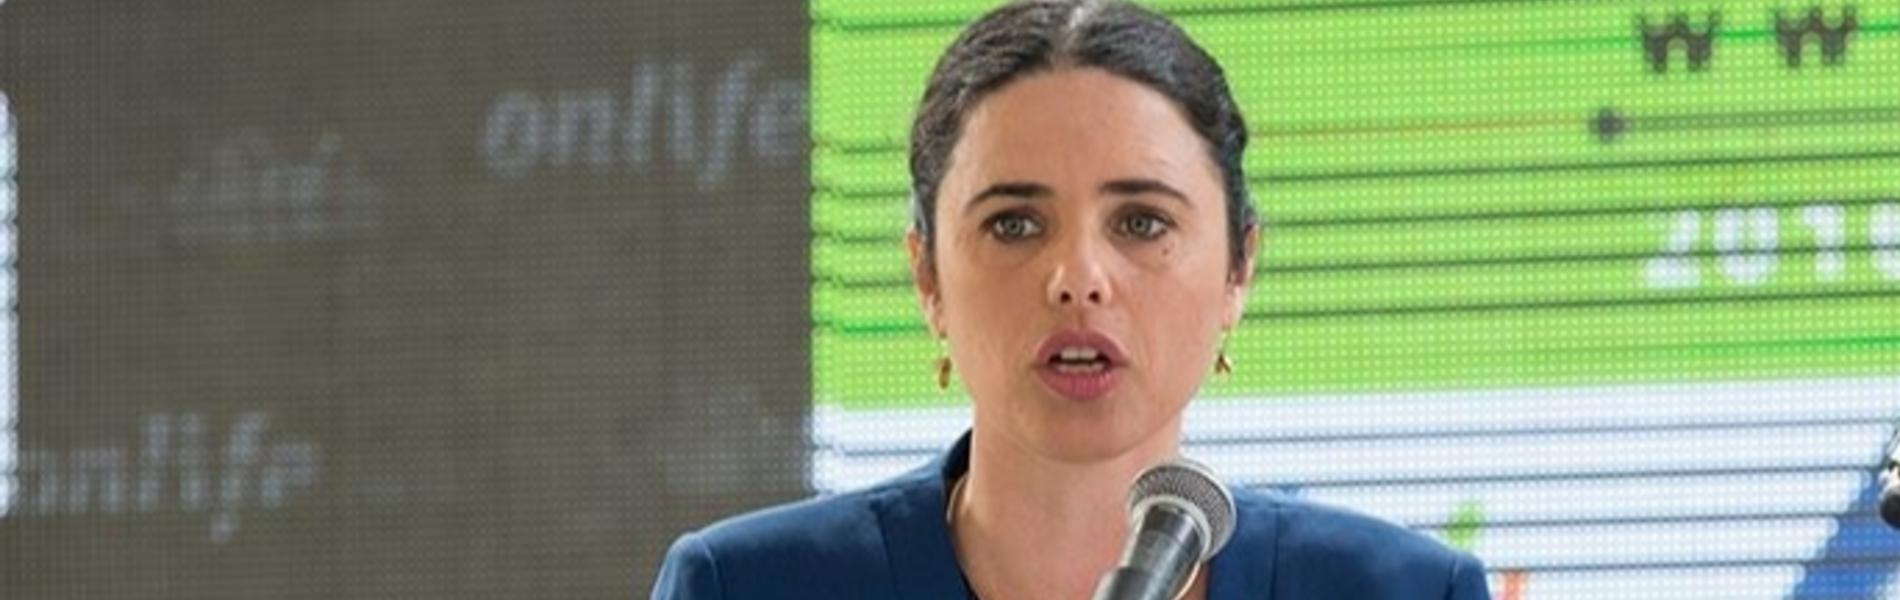 מה נשים בזנות באמת חושבות על החוק החדש של איילת שקד?